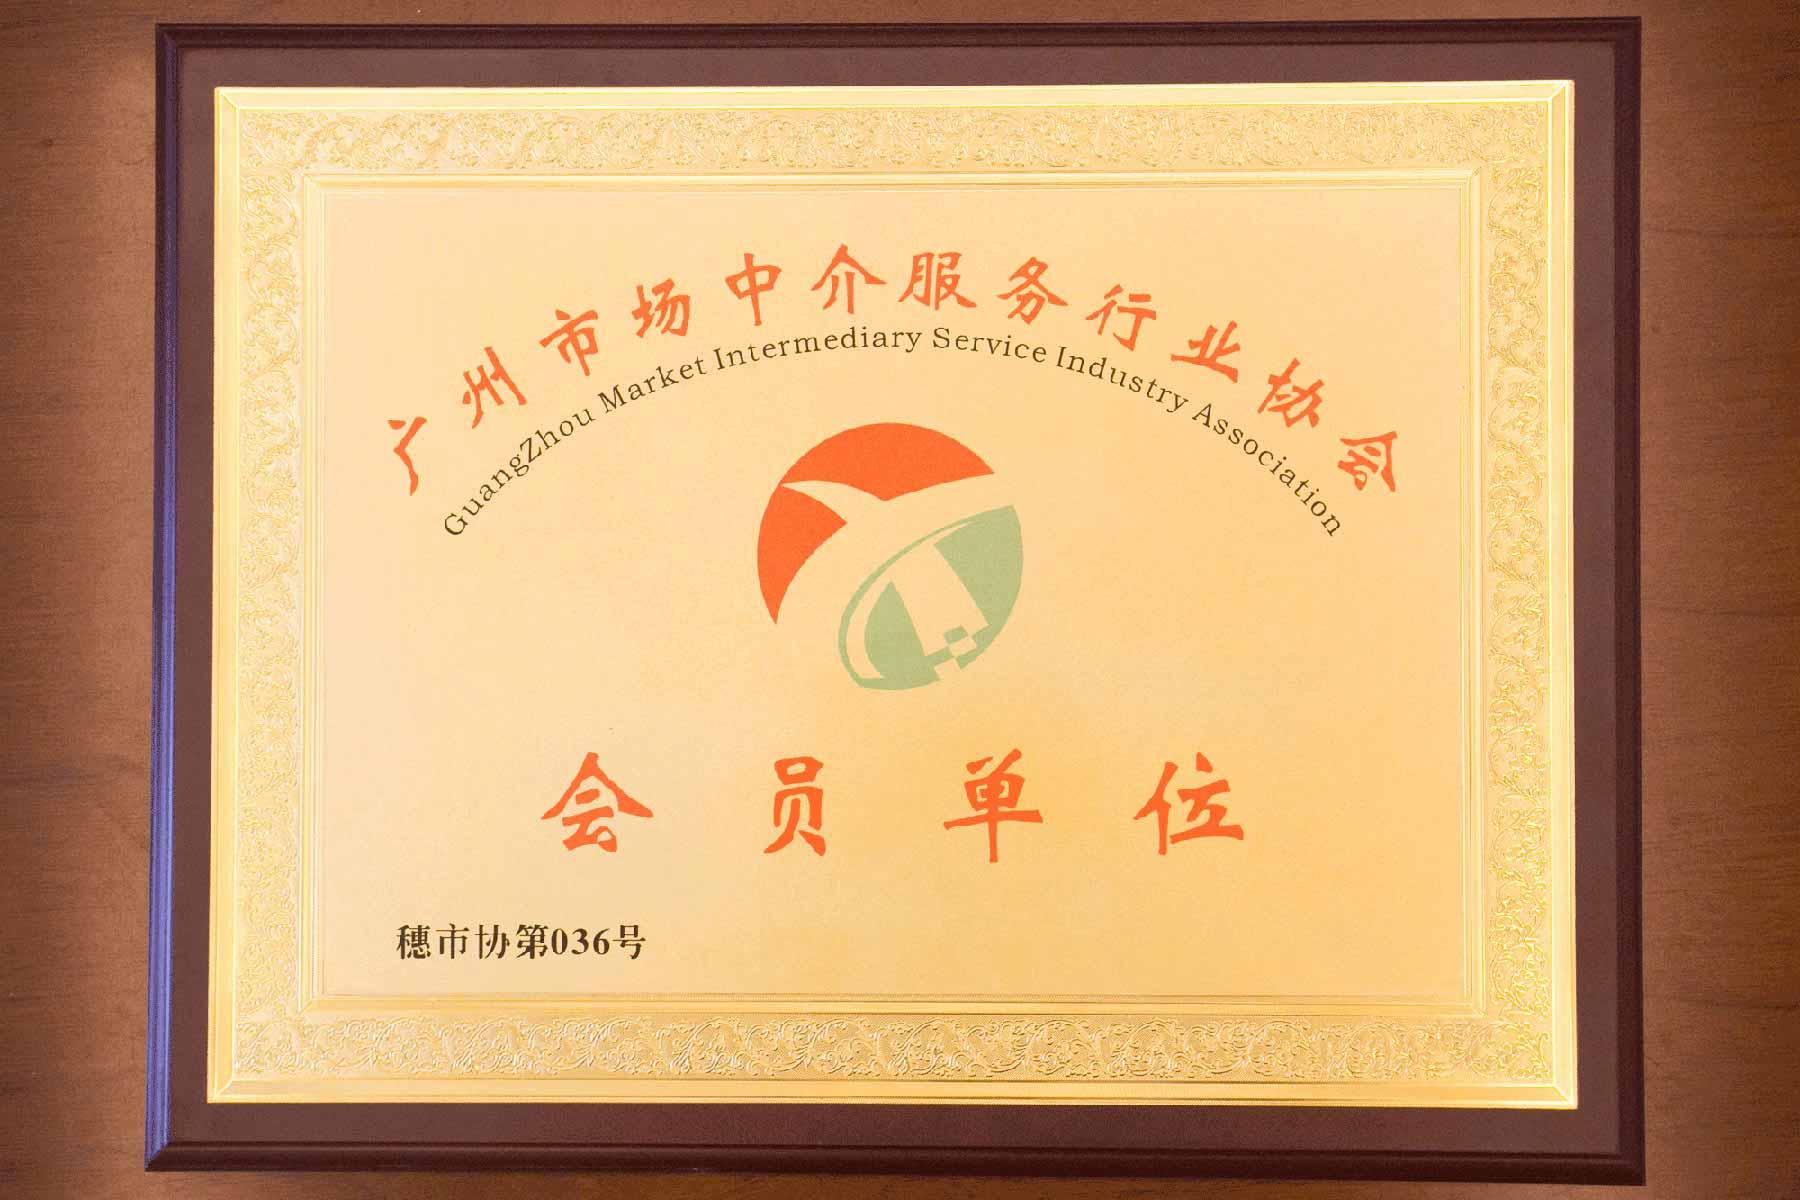 广州市中介服务行业协会会员单位